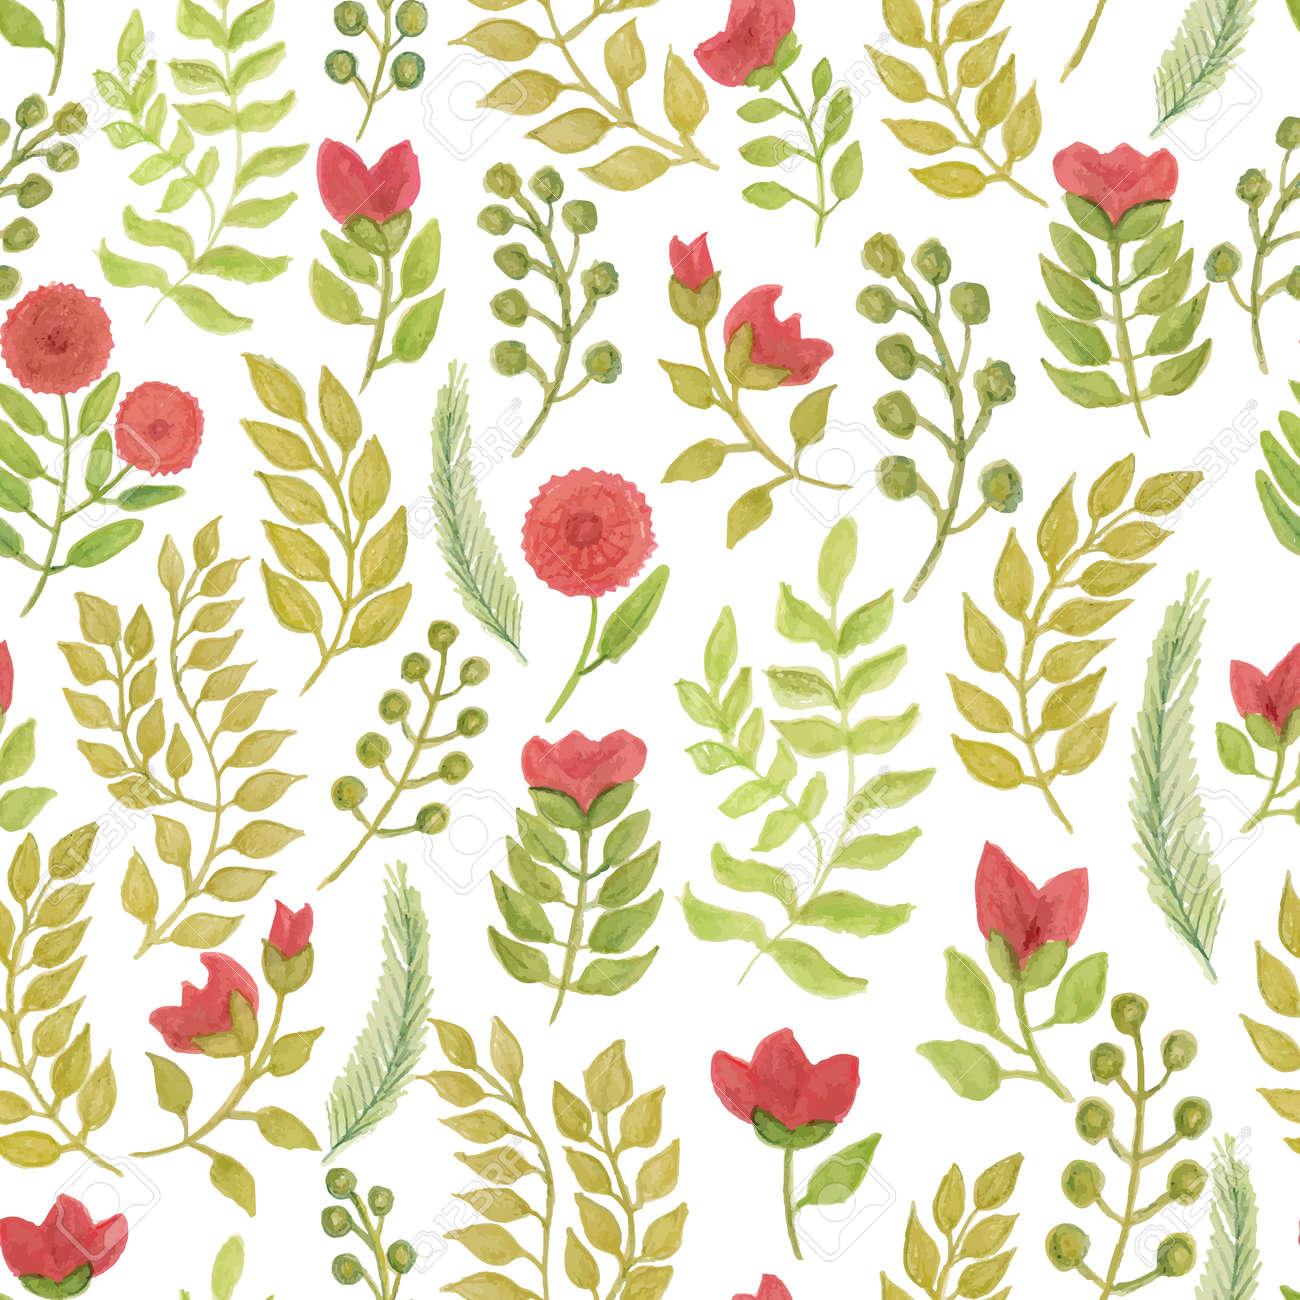 Mano Dibujar Hojas Y Flores Sin Patron Hojas Verdes Y Flores Rojas